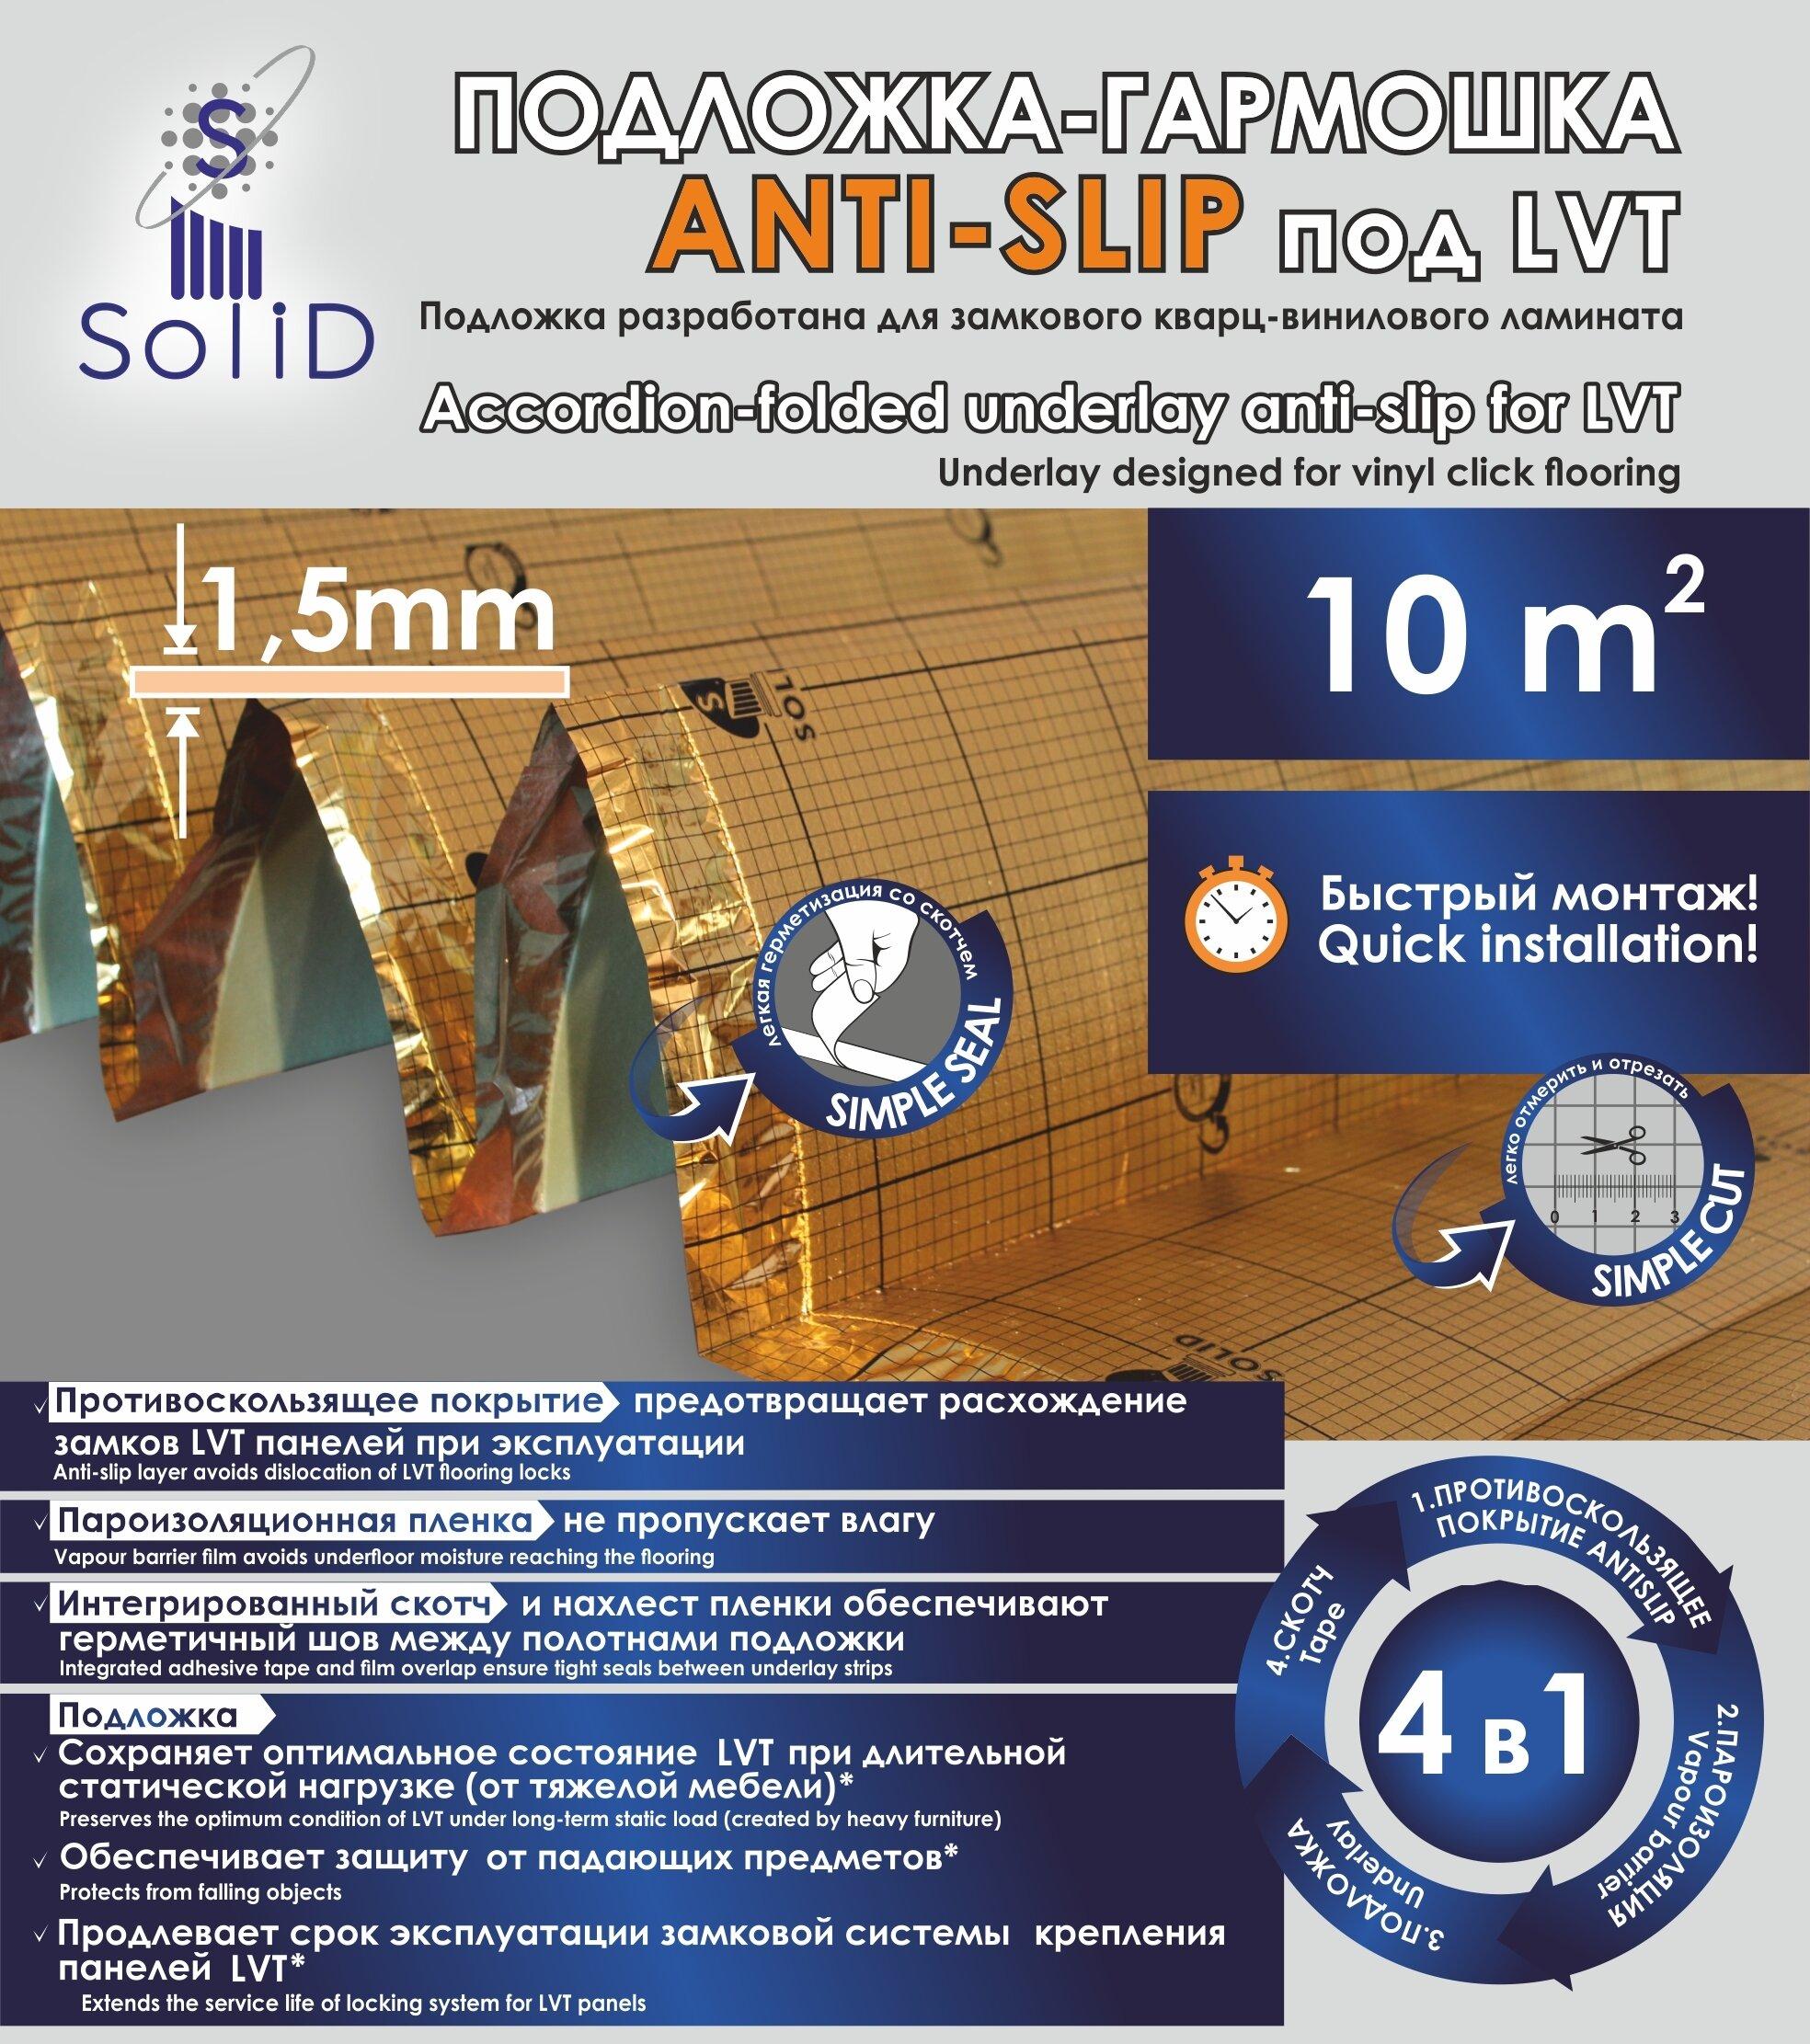 Подложка-гармошка Solid 1,5 мм ANTI-SLIP LVT под виниловый замковой ламинат (10 м² в упаковке), 1 м² — купить по выгодной цене на Яндекс.Маркете